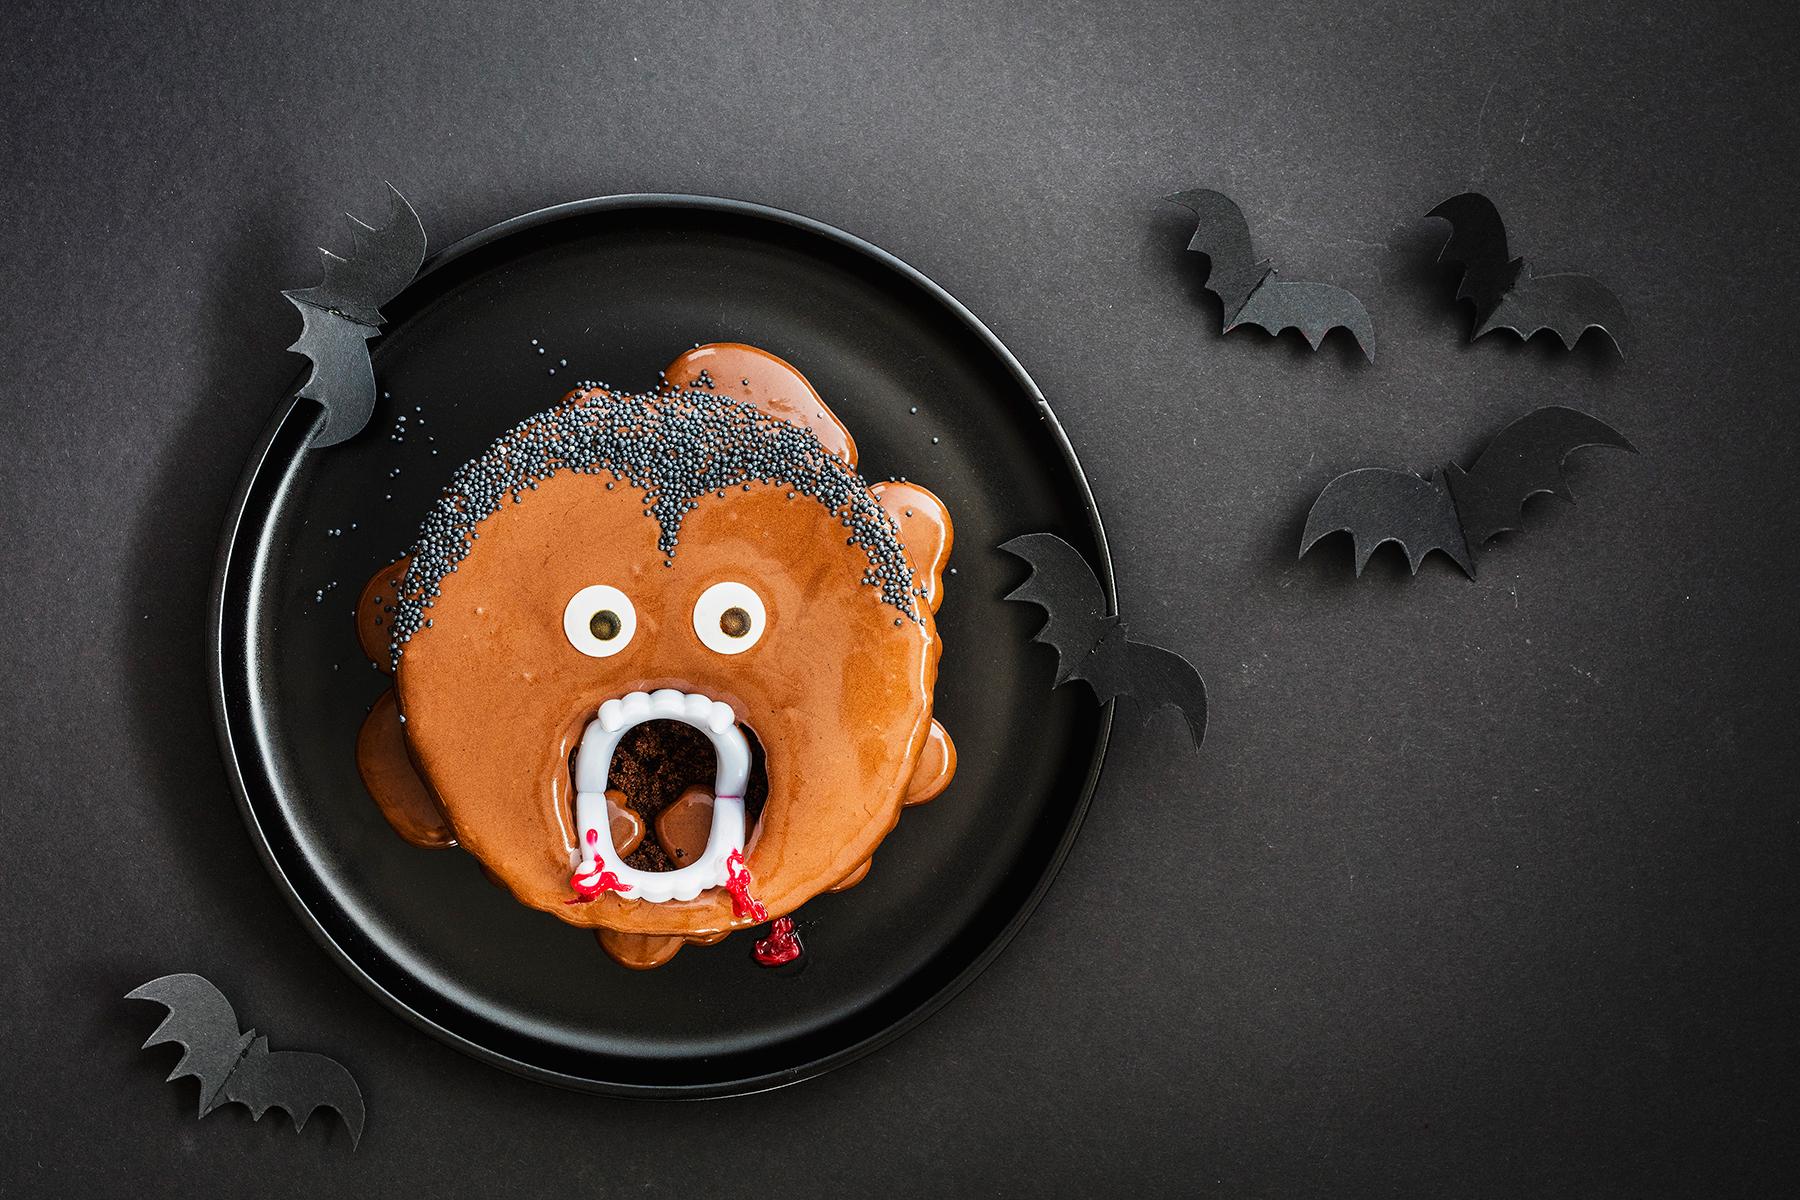 Kinderparty zu Halloween? Dieser Vampir-Kuchen ist perfekt!